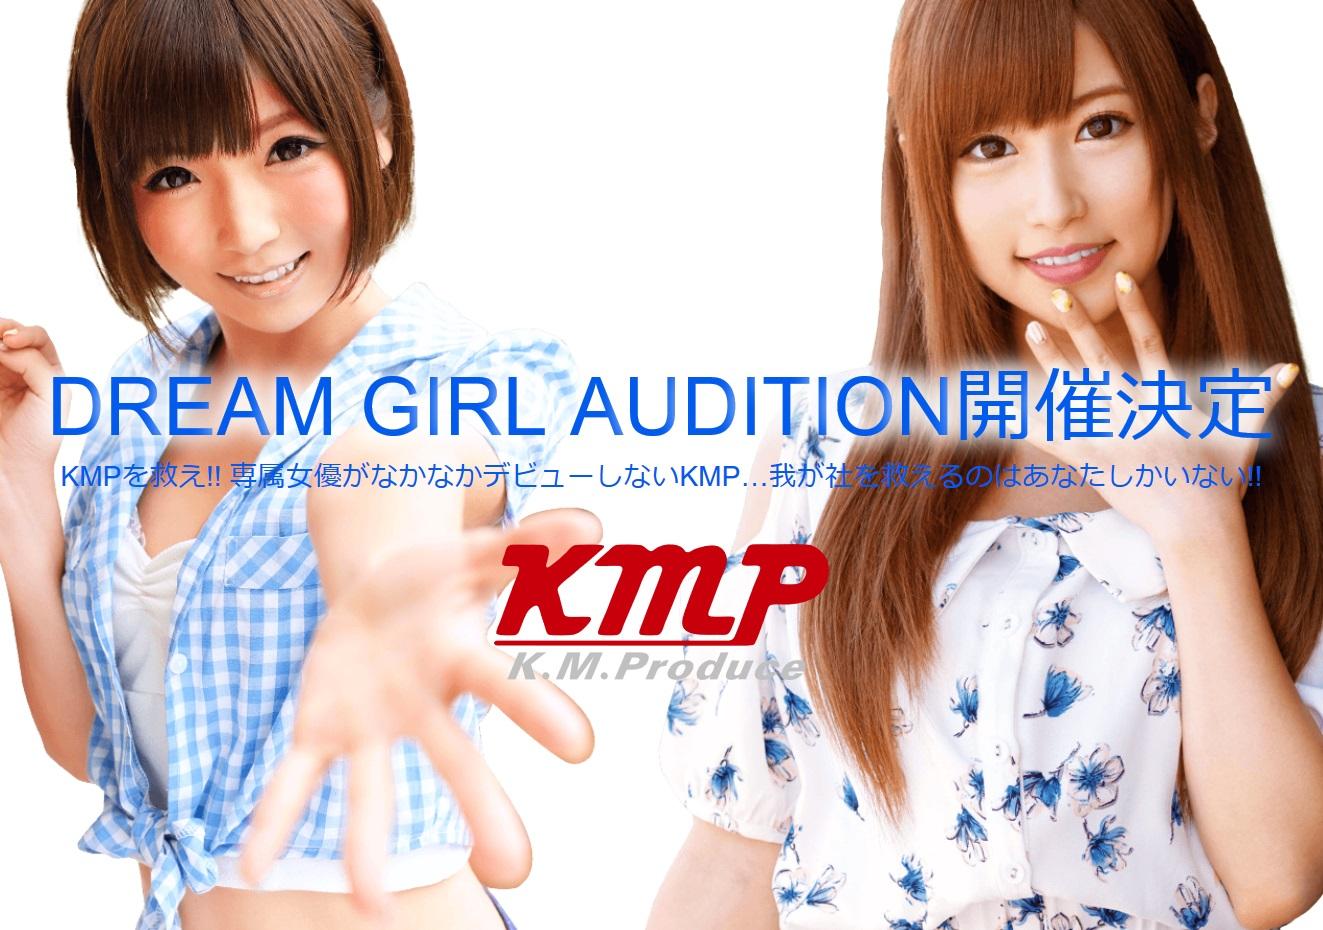 DREAM GIRL オーディション開催決定001